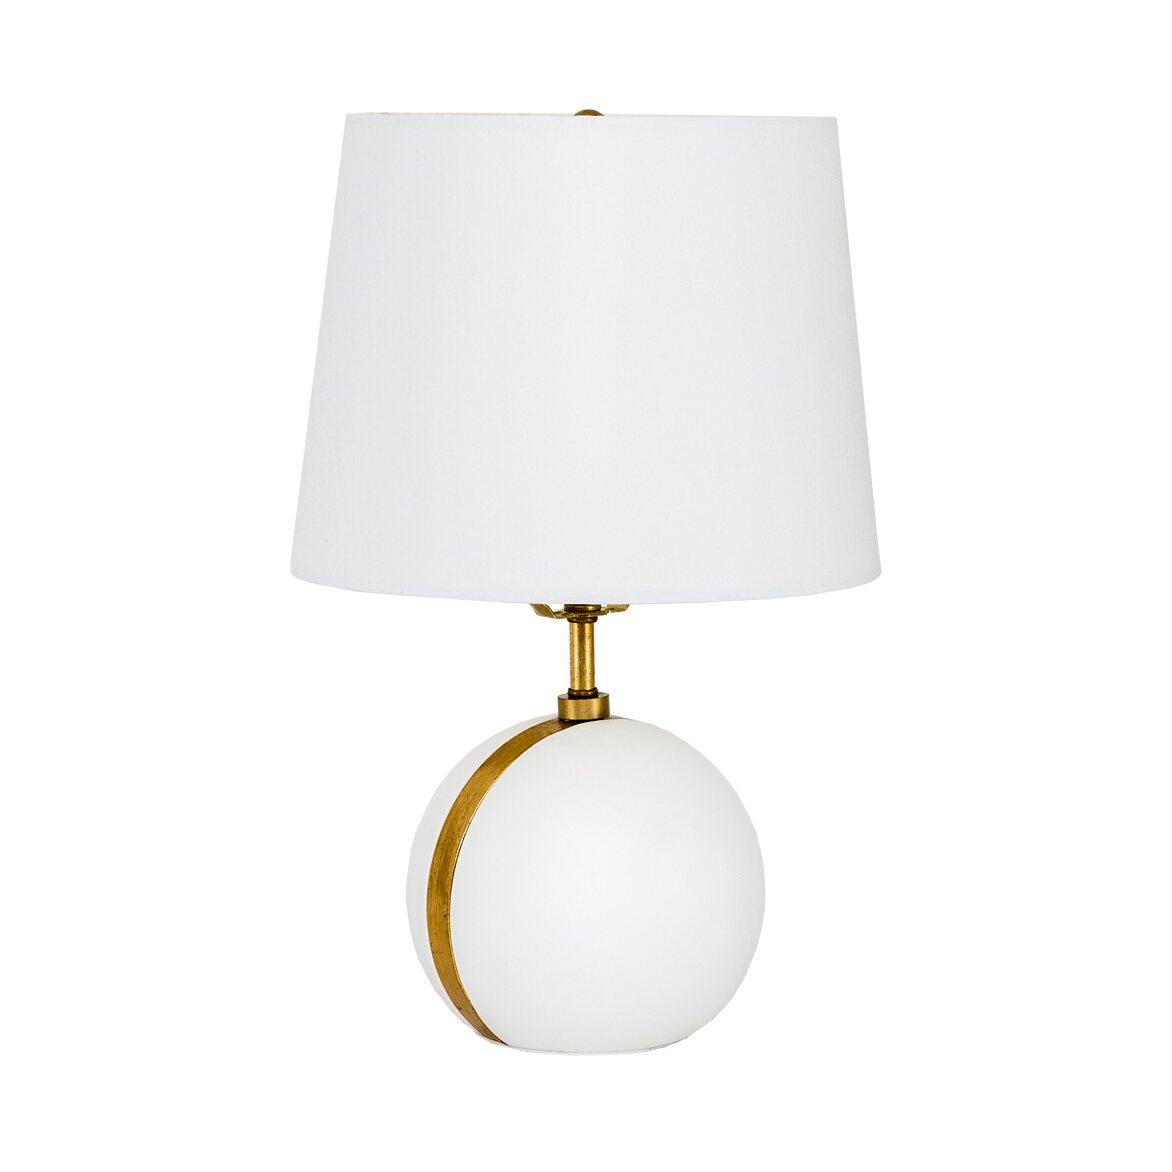 Настольная лампа «Гейм» | Настольные лампы Kingsby